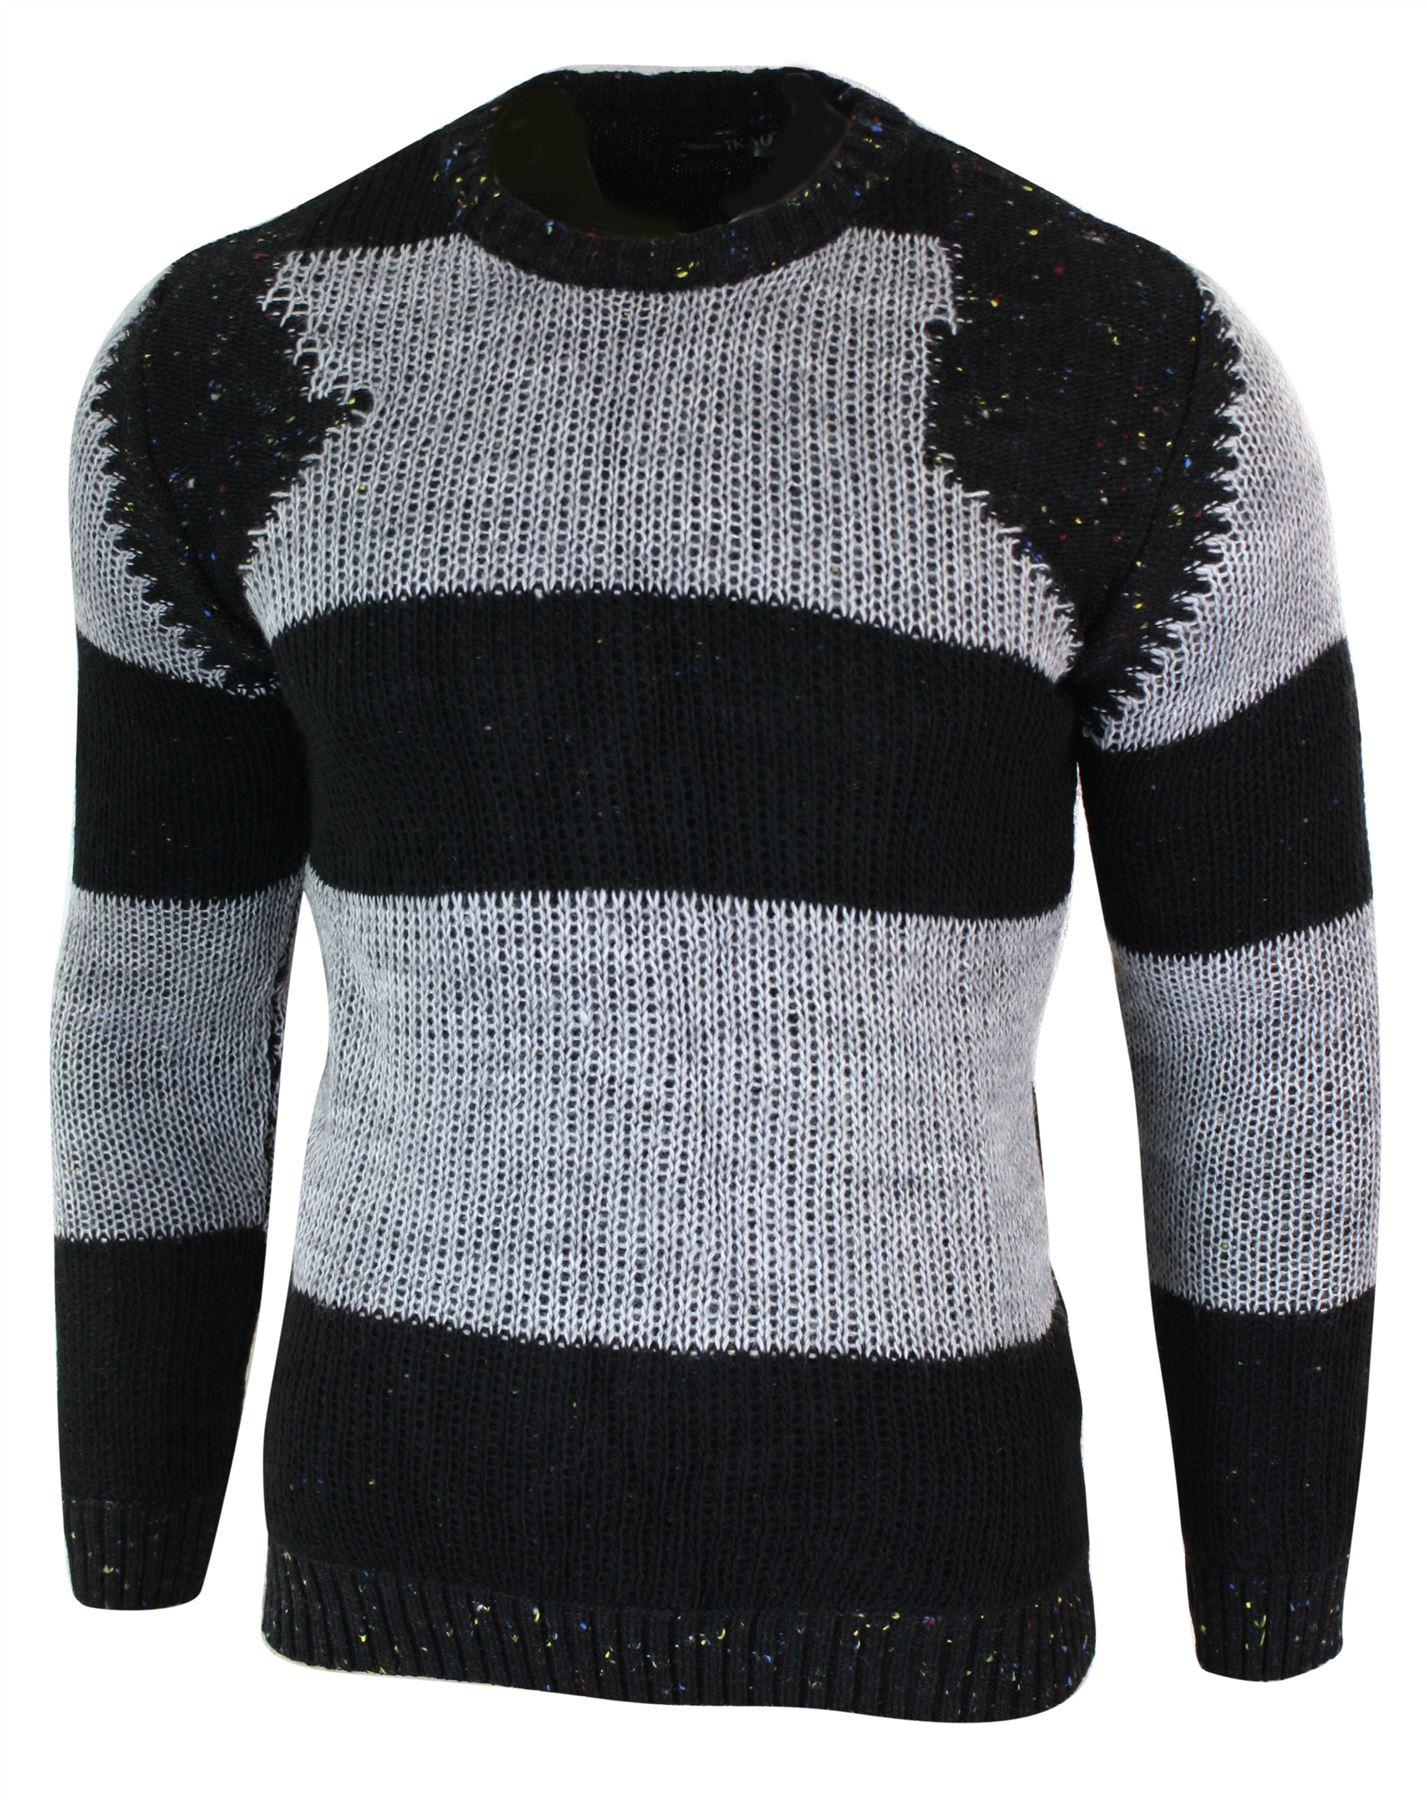 3e9d063a2cf63 Pull homme tricot mailles épaisses chic décontracté gris crème bleu ...